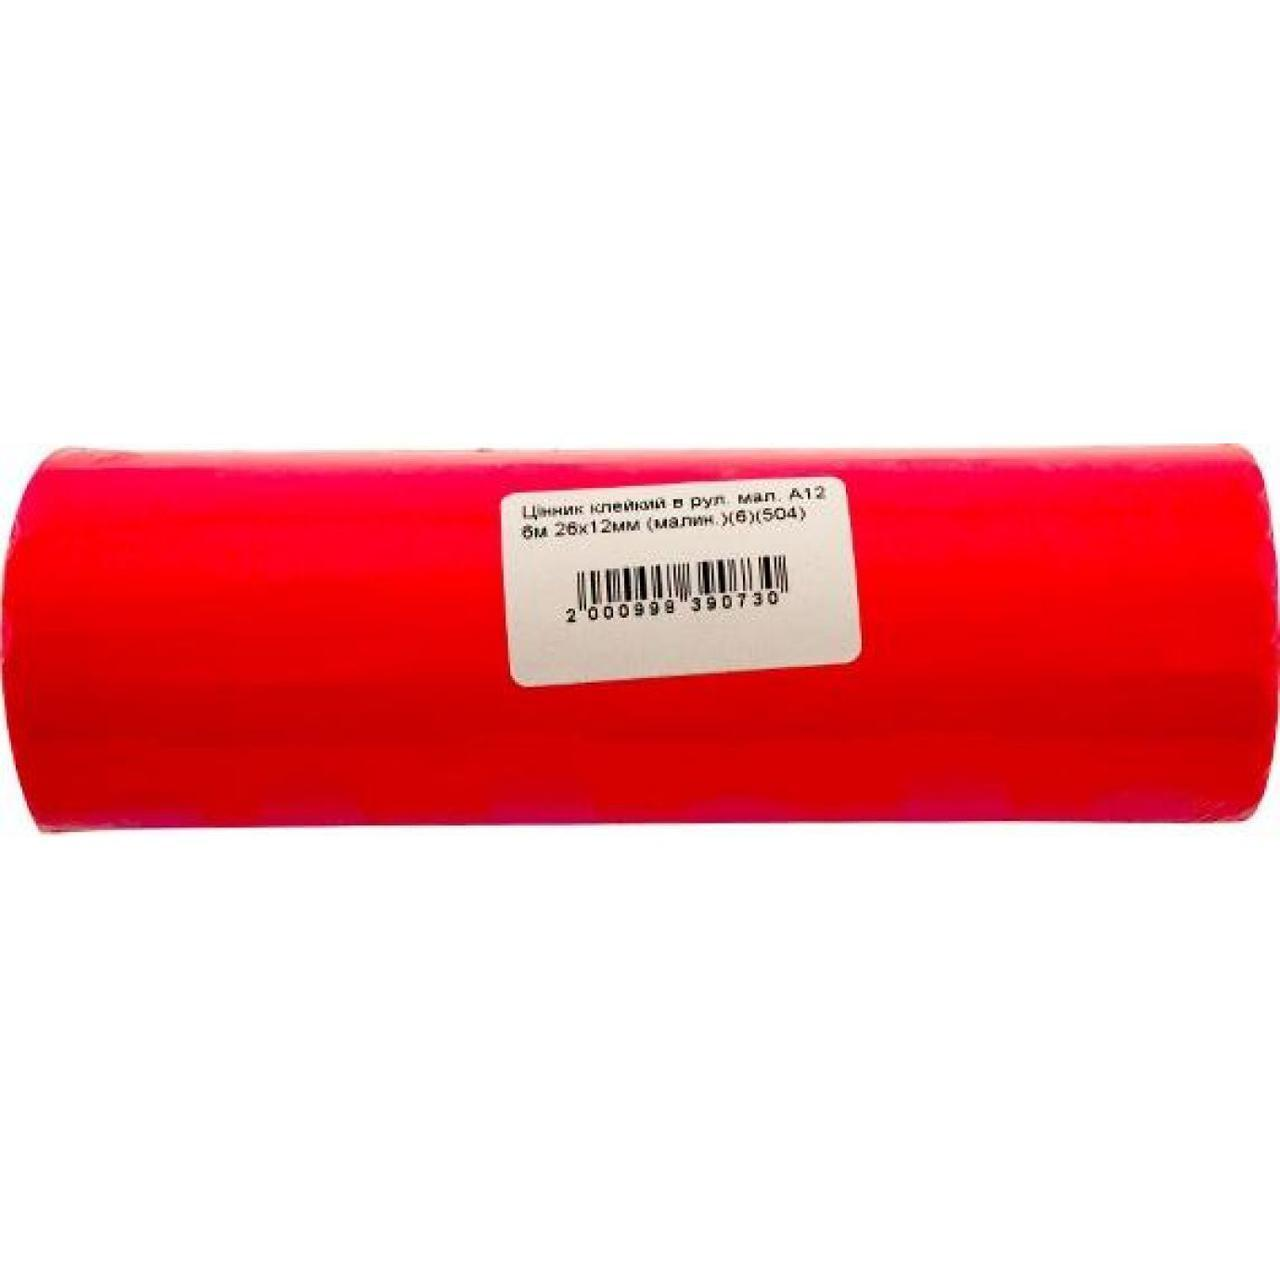 Ценник клейкий в рулоне маленький А12 6м 26х12мм малиновый (6) (504)